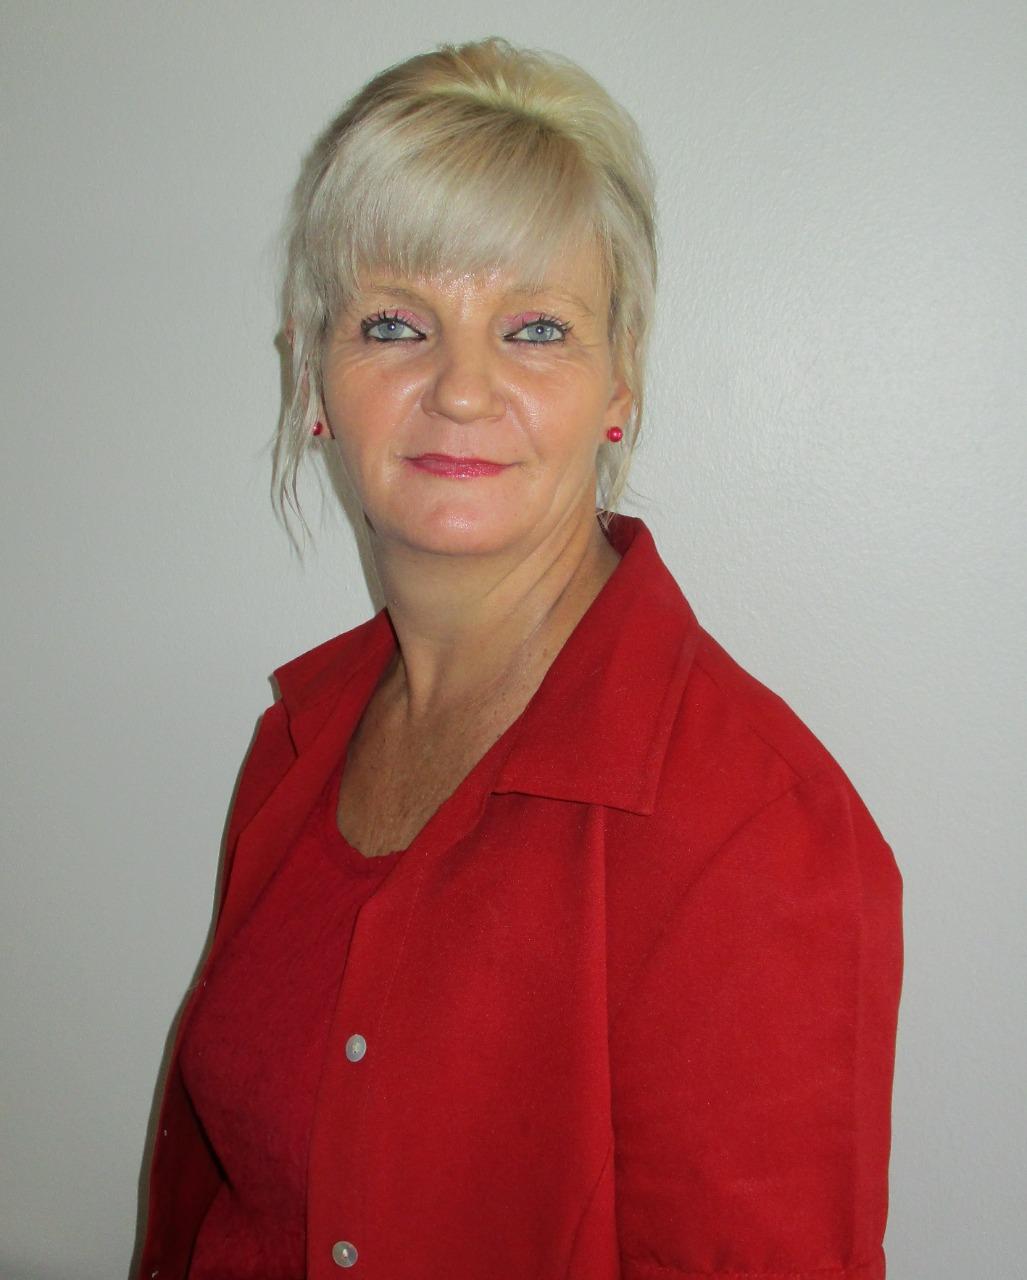 Real Estate Agent - Janine Holder